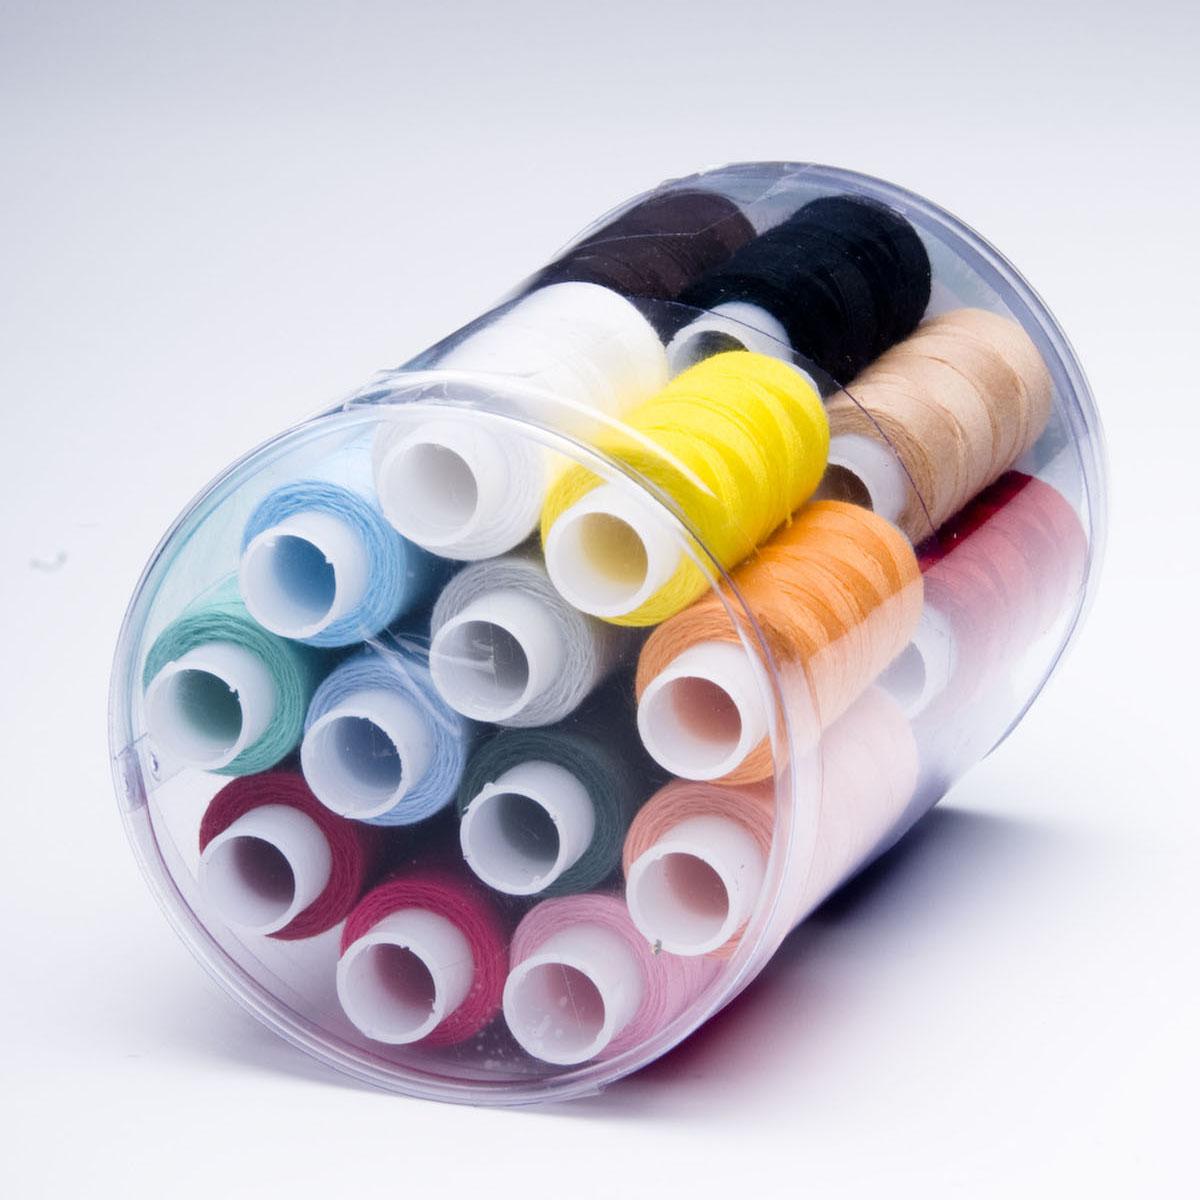 Набор швейных ниток Радуга, 45 ЛЛ, 150 м, 24 бобины0073704601778Набор состоит из 24 бобин со швейными нитками разных цветов. Нитки изготовлены из 100% полиэфира, армированные. Характеристики: Количество сложений: 2. Линейная плотность: 43,5 текс.